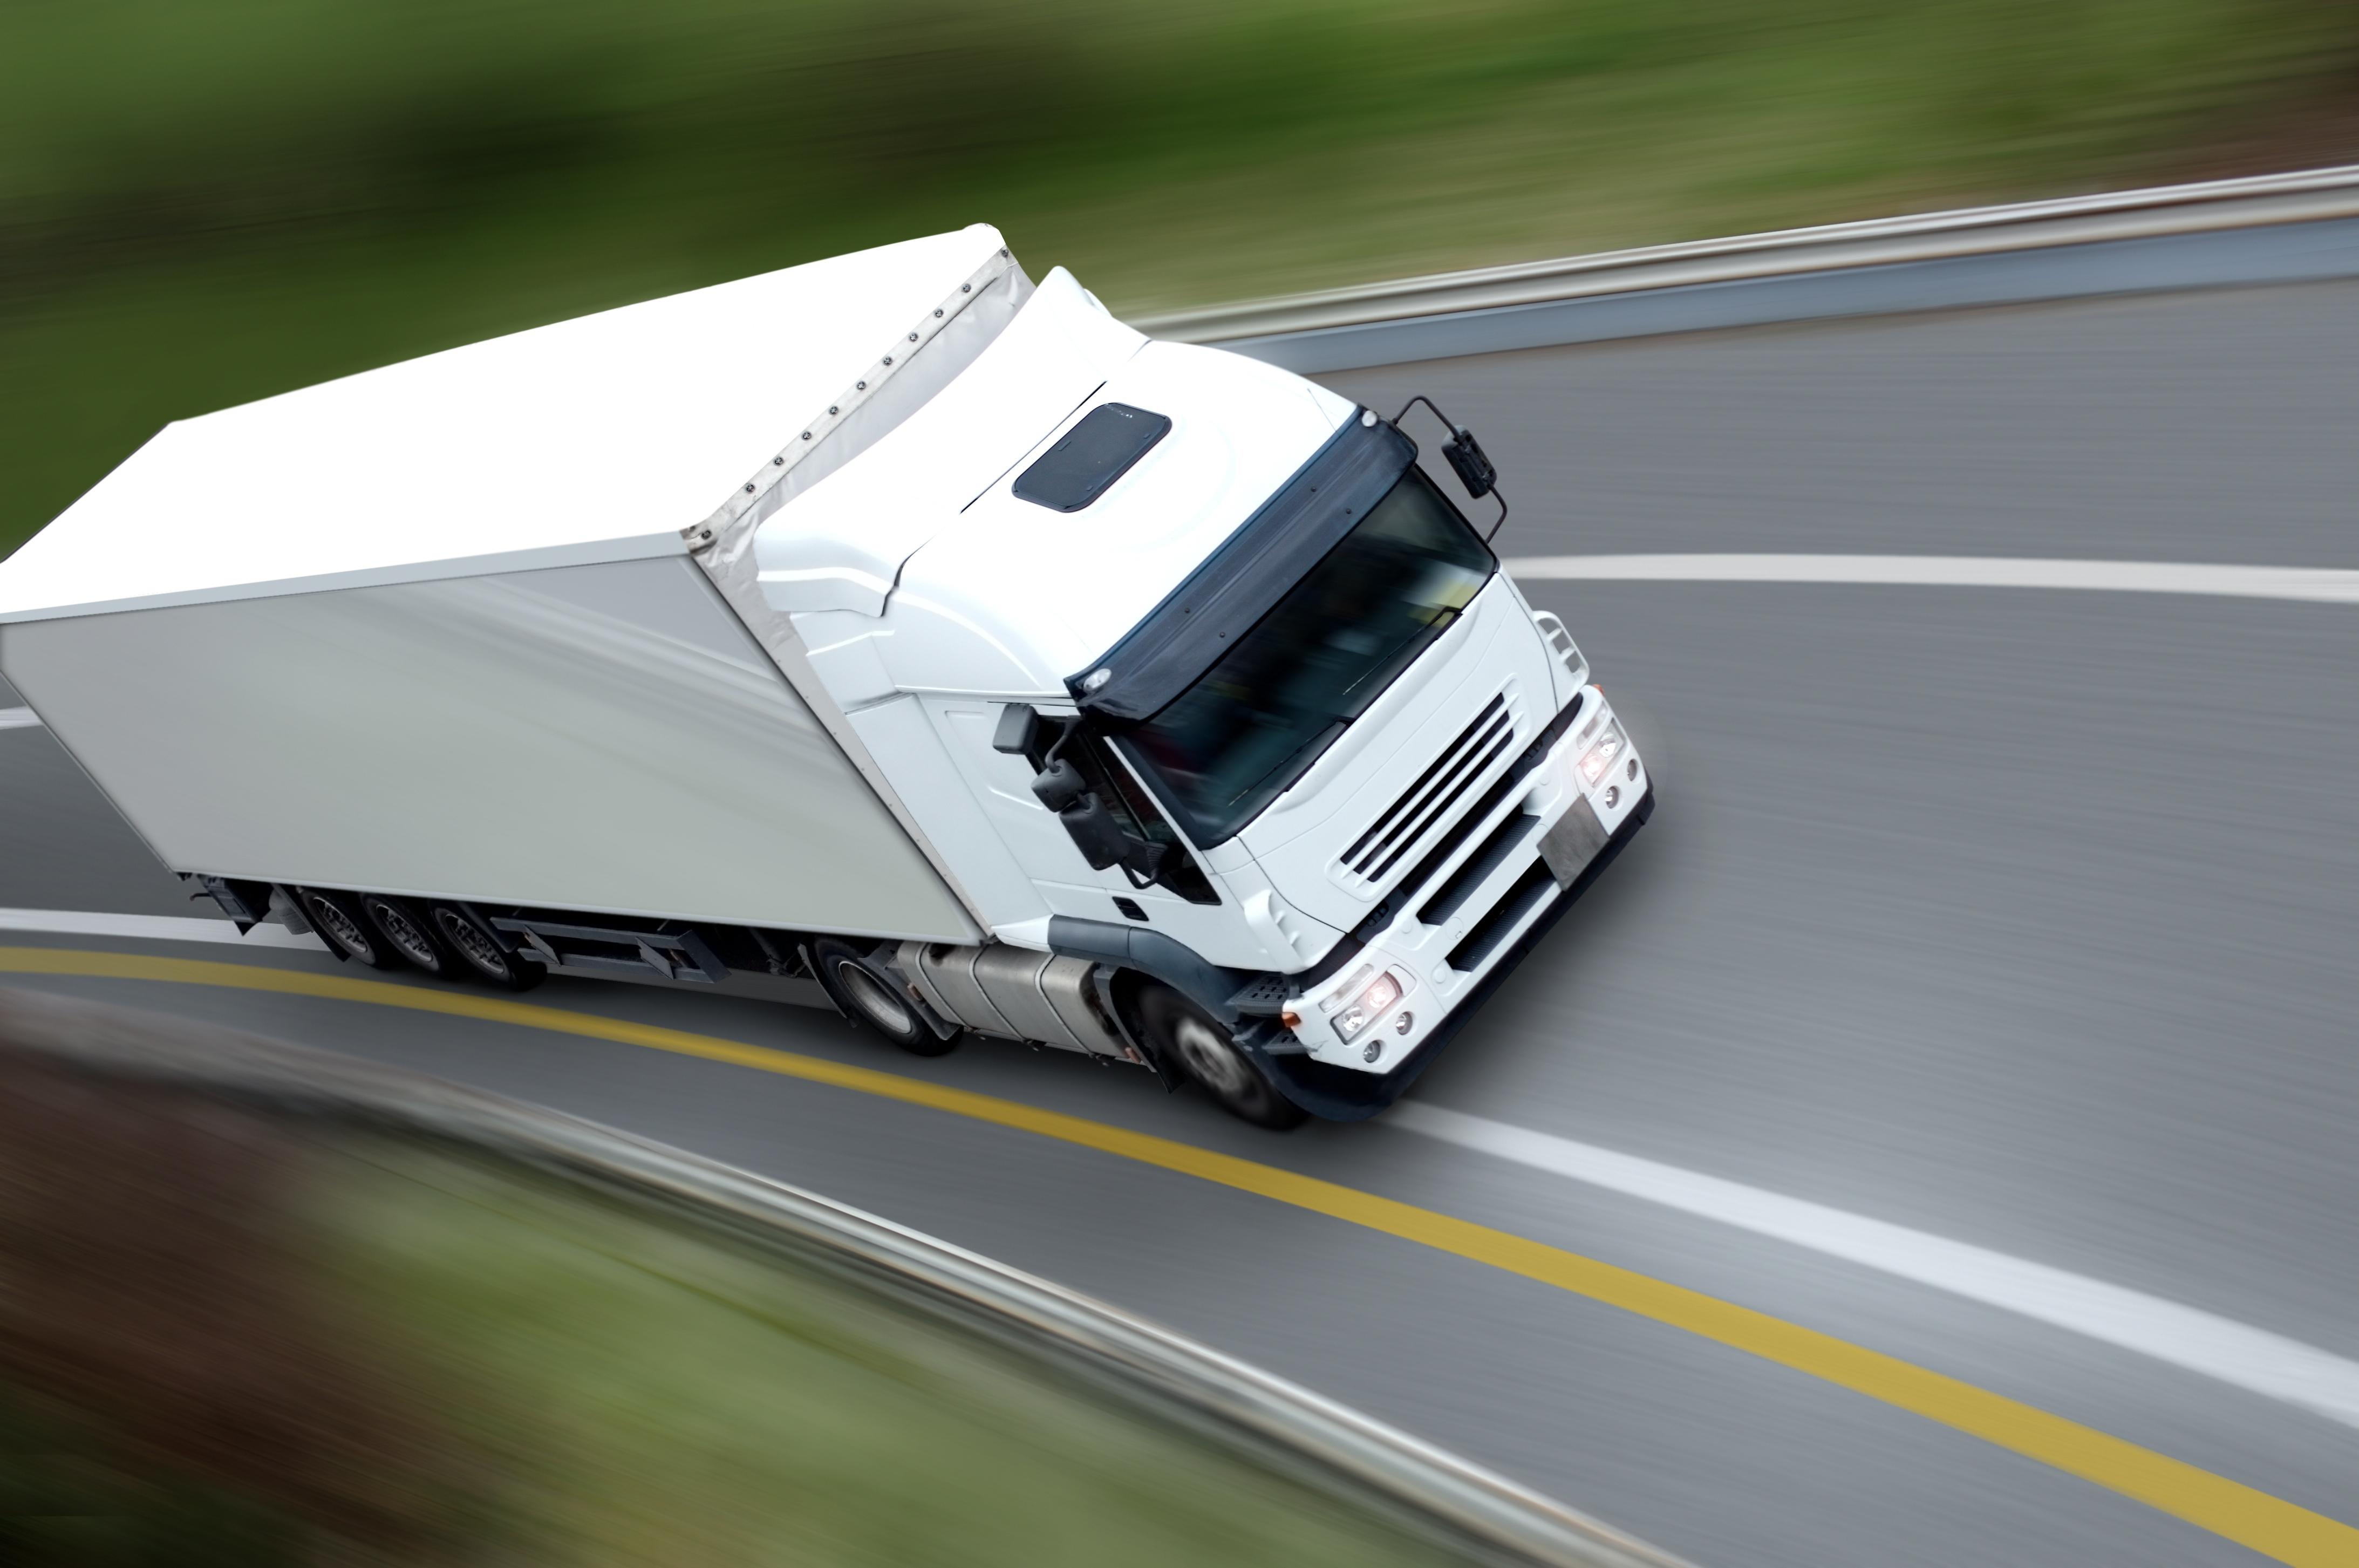 speeedy-truck